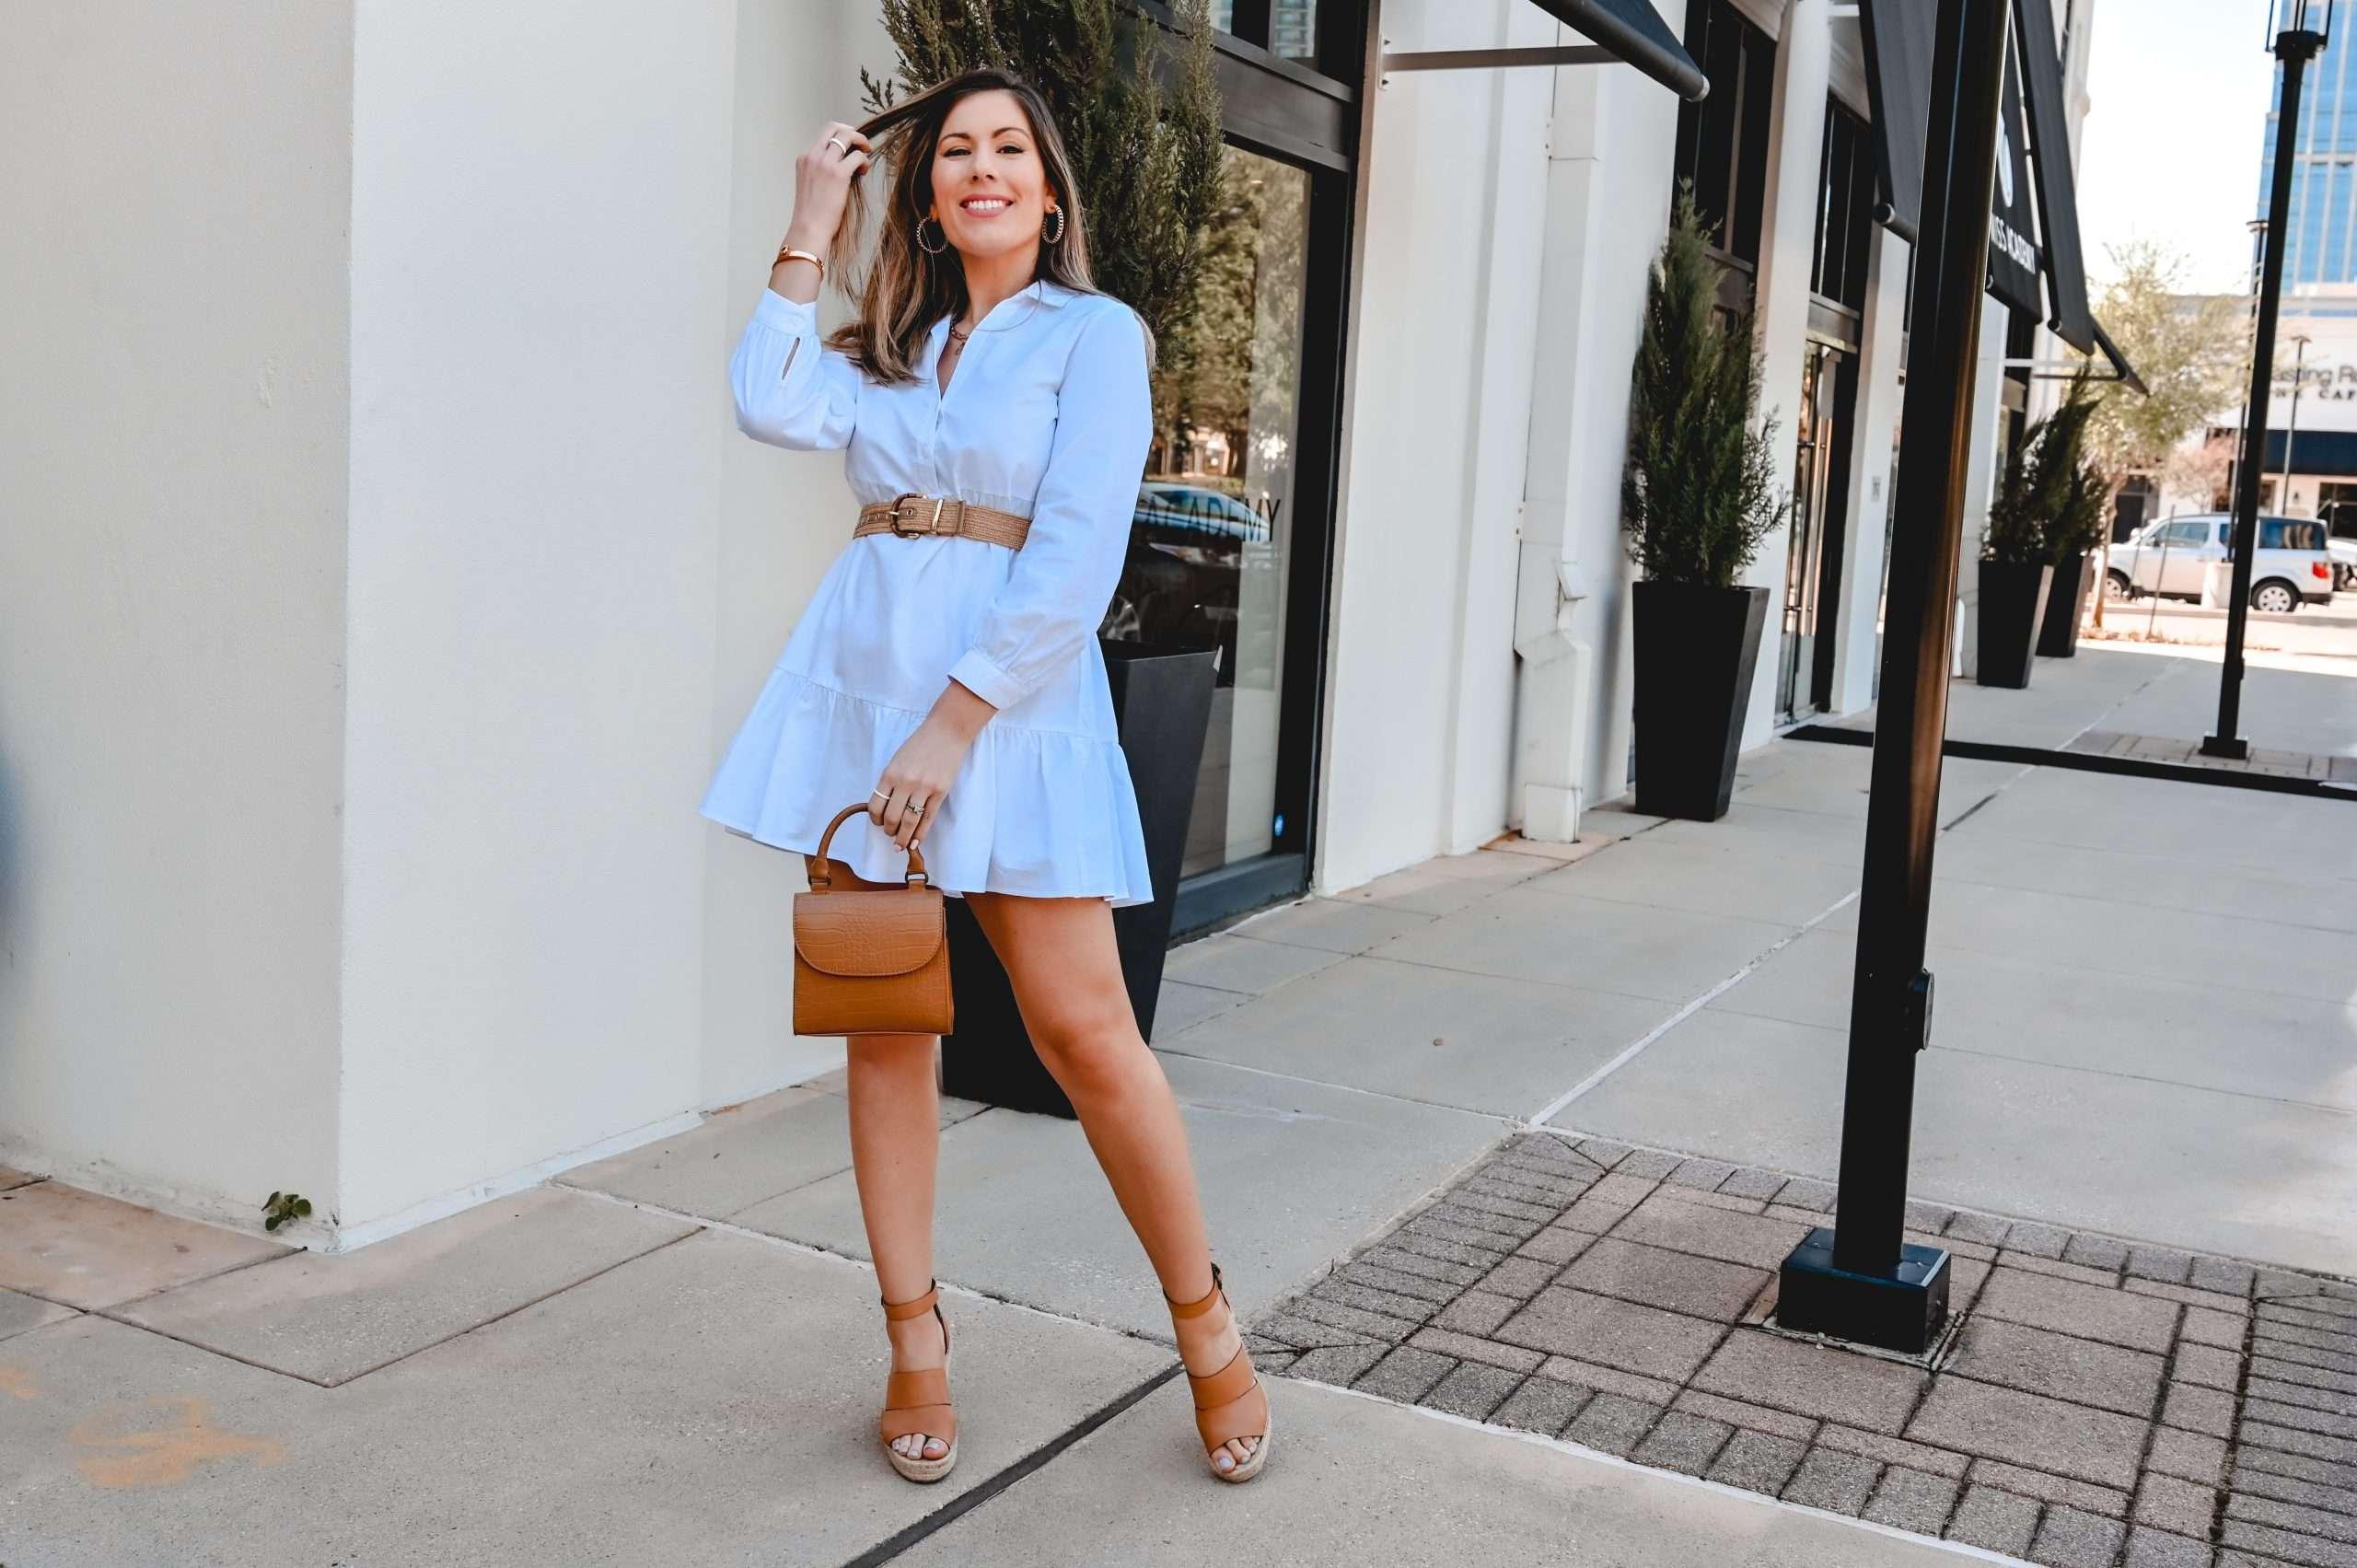 dressy way to style a zara dress